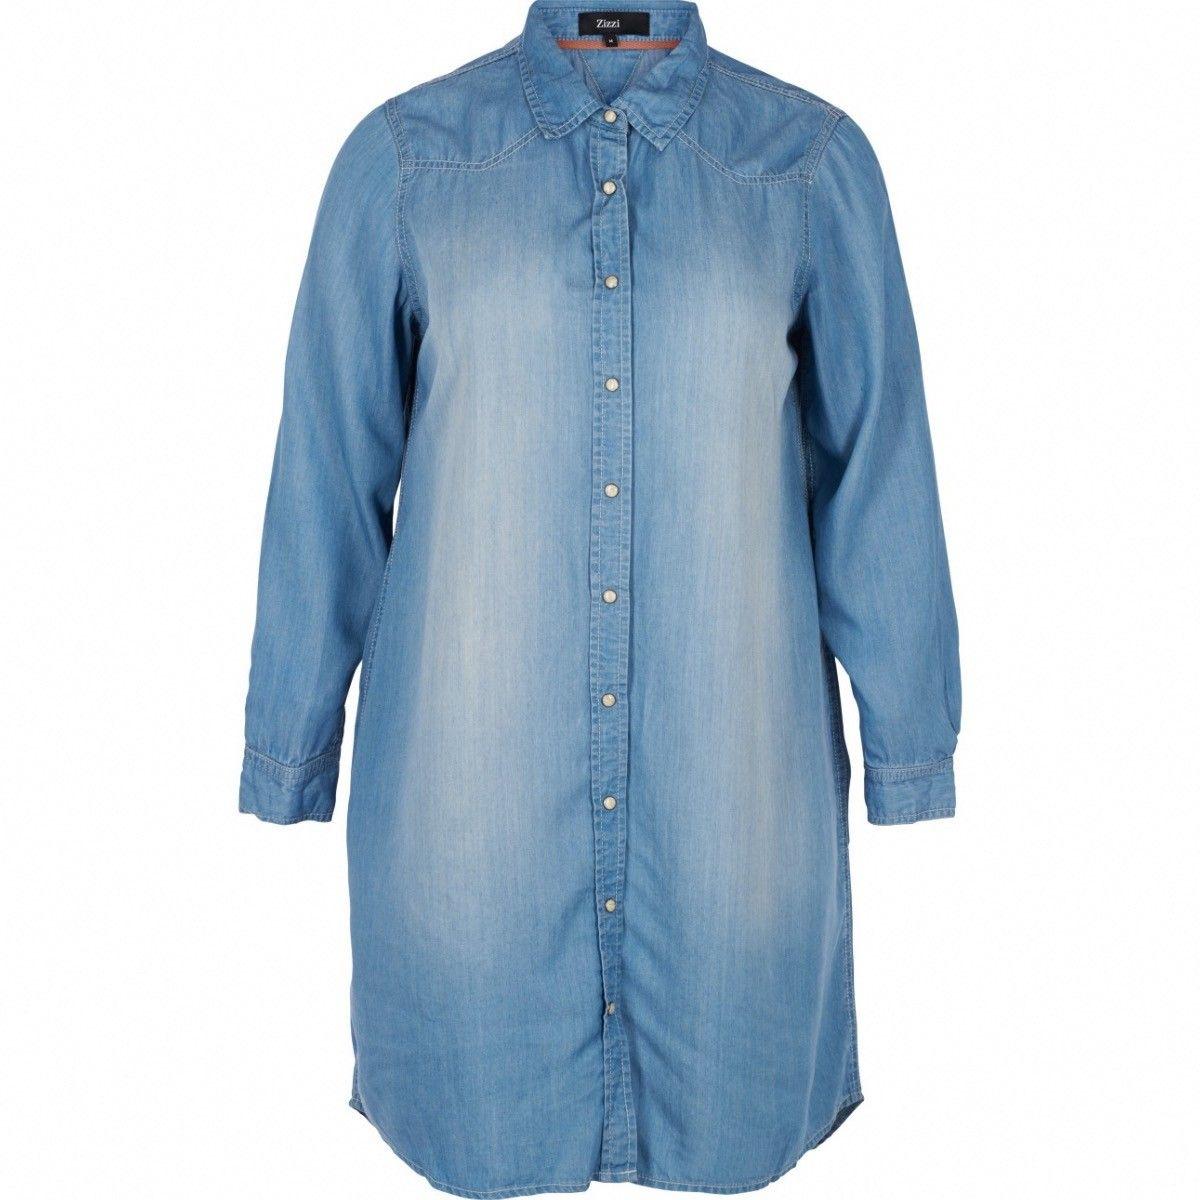 Andrea, Longue chemise en jean, grande taille Zizzi pour Kalimbaka, Sélectionnez votre taille 46/48